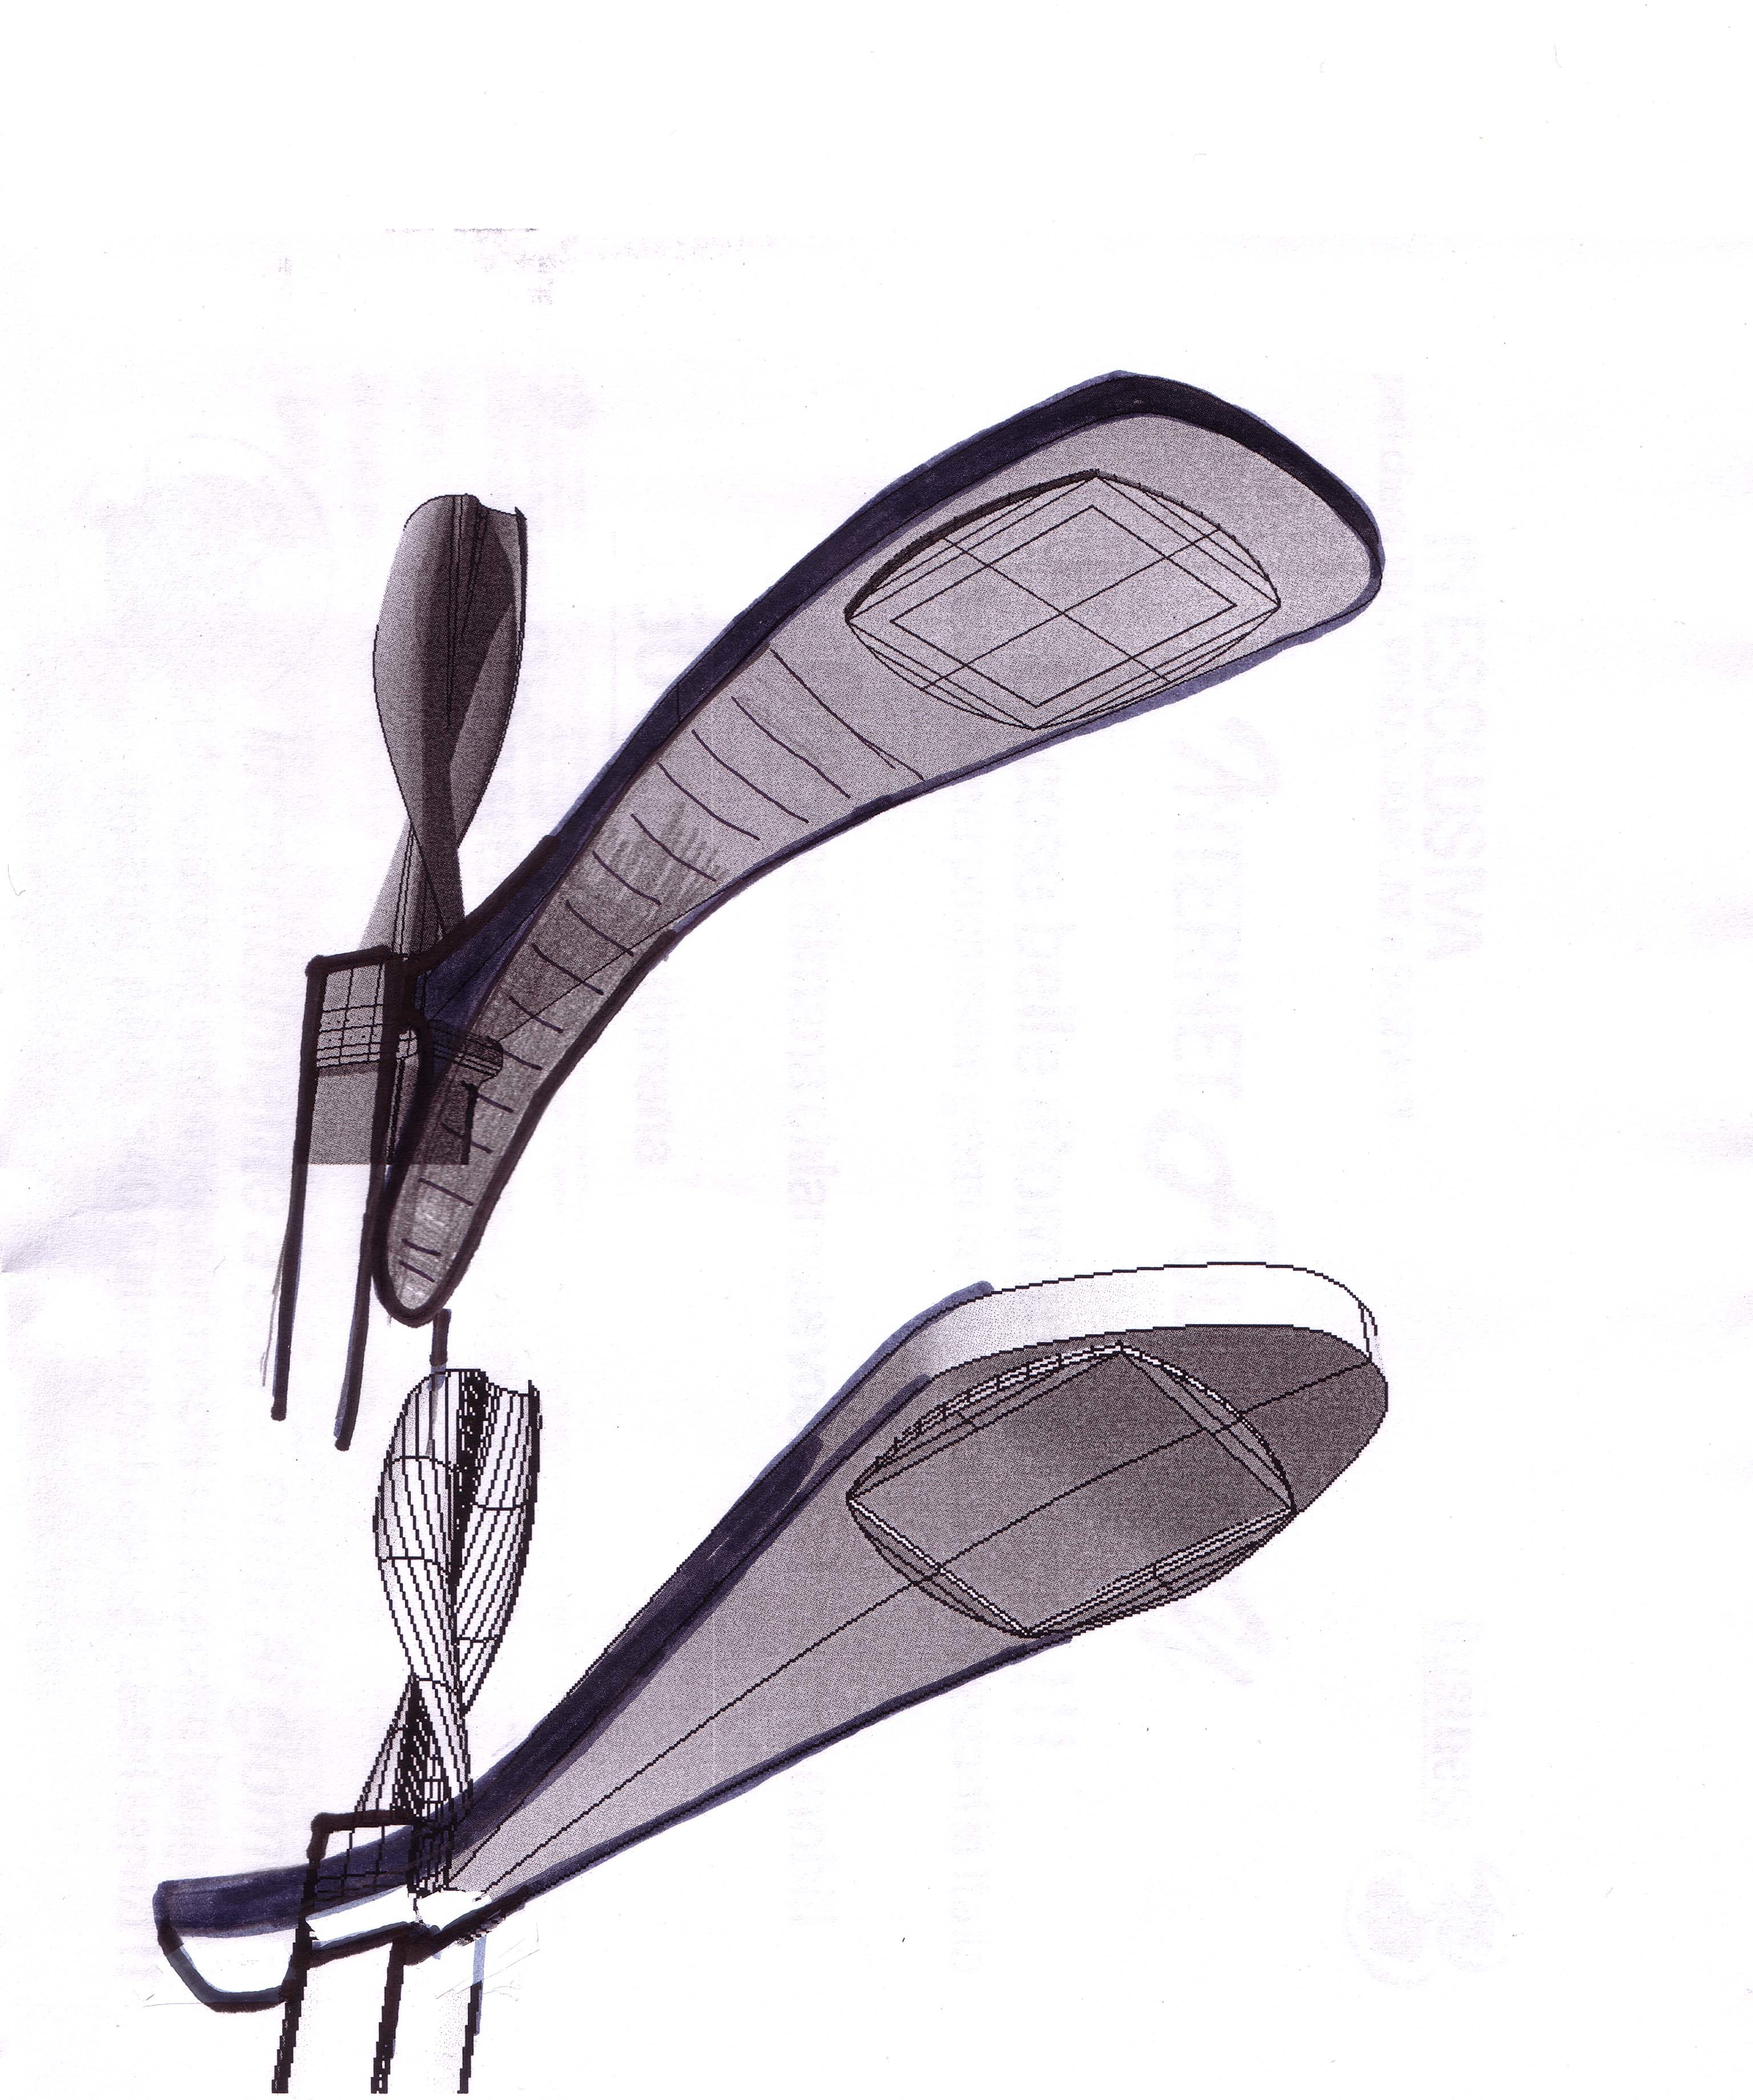 Il palo BITRON è un progetto realizzato per la multinazionale BITRON SPA, con l'input di dare forma ad un progetto altamente tecnologico perfezionato dall'engineering dell'azienda. Il palo ha un funzionamento a bassissimo impatto ambientale in quanto dotato di potenti accumulatori alimentati da energia solare ed eolica contemporaneamente e da dispositivi illuminotecnici a led di ultima generazione ad altissima efficienza.